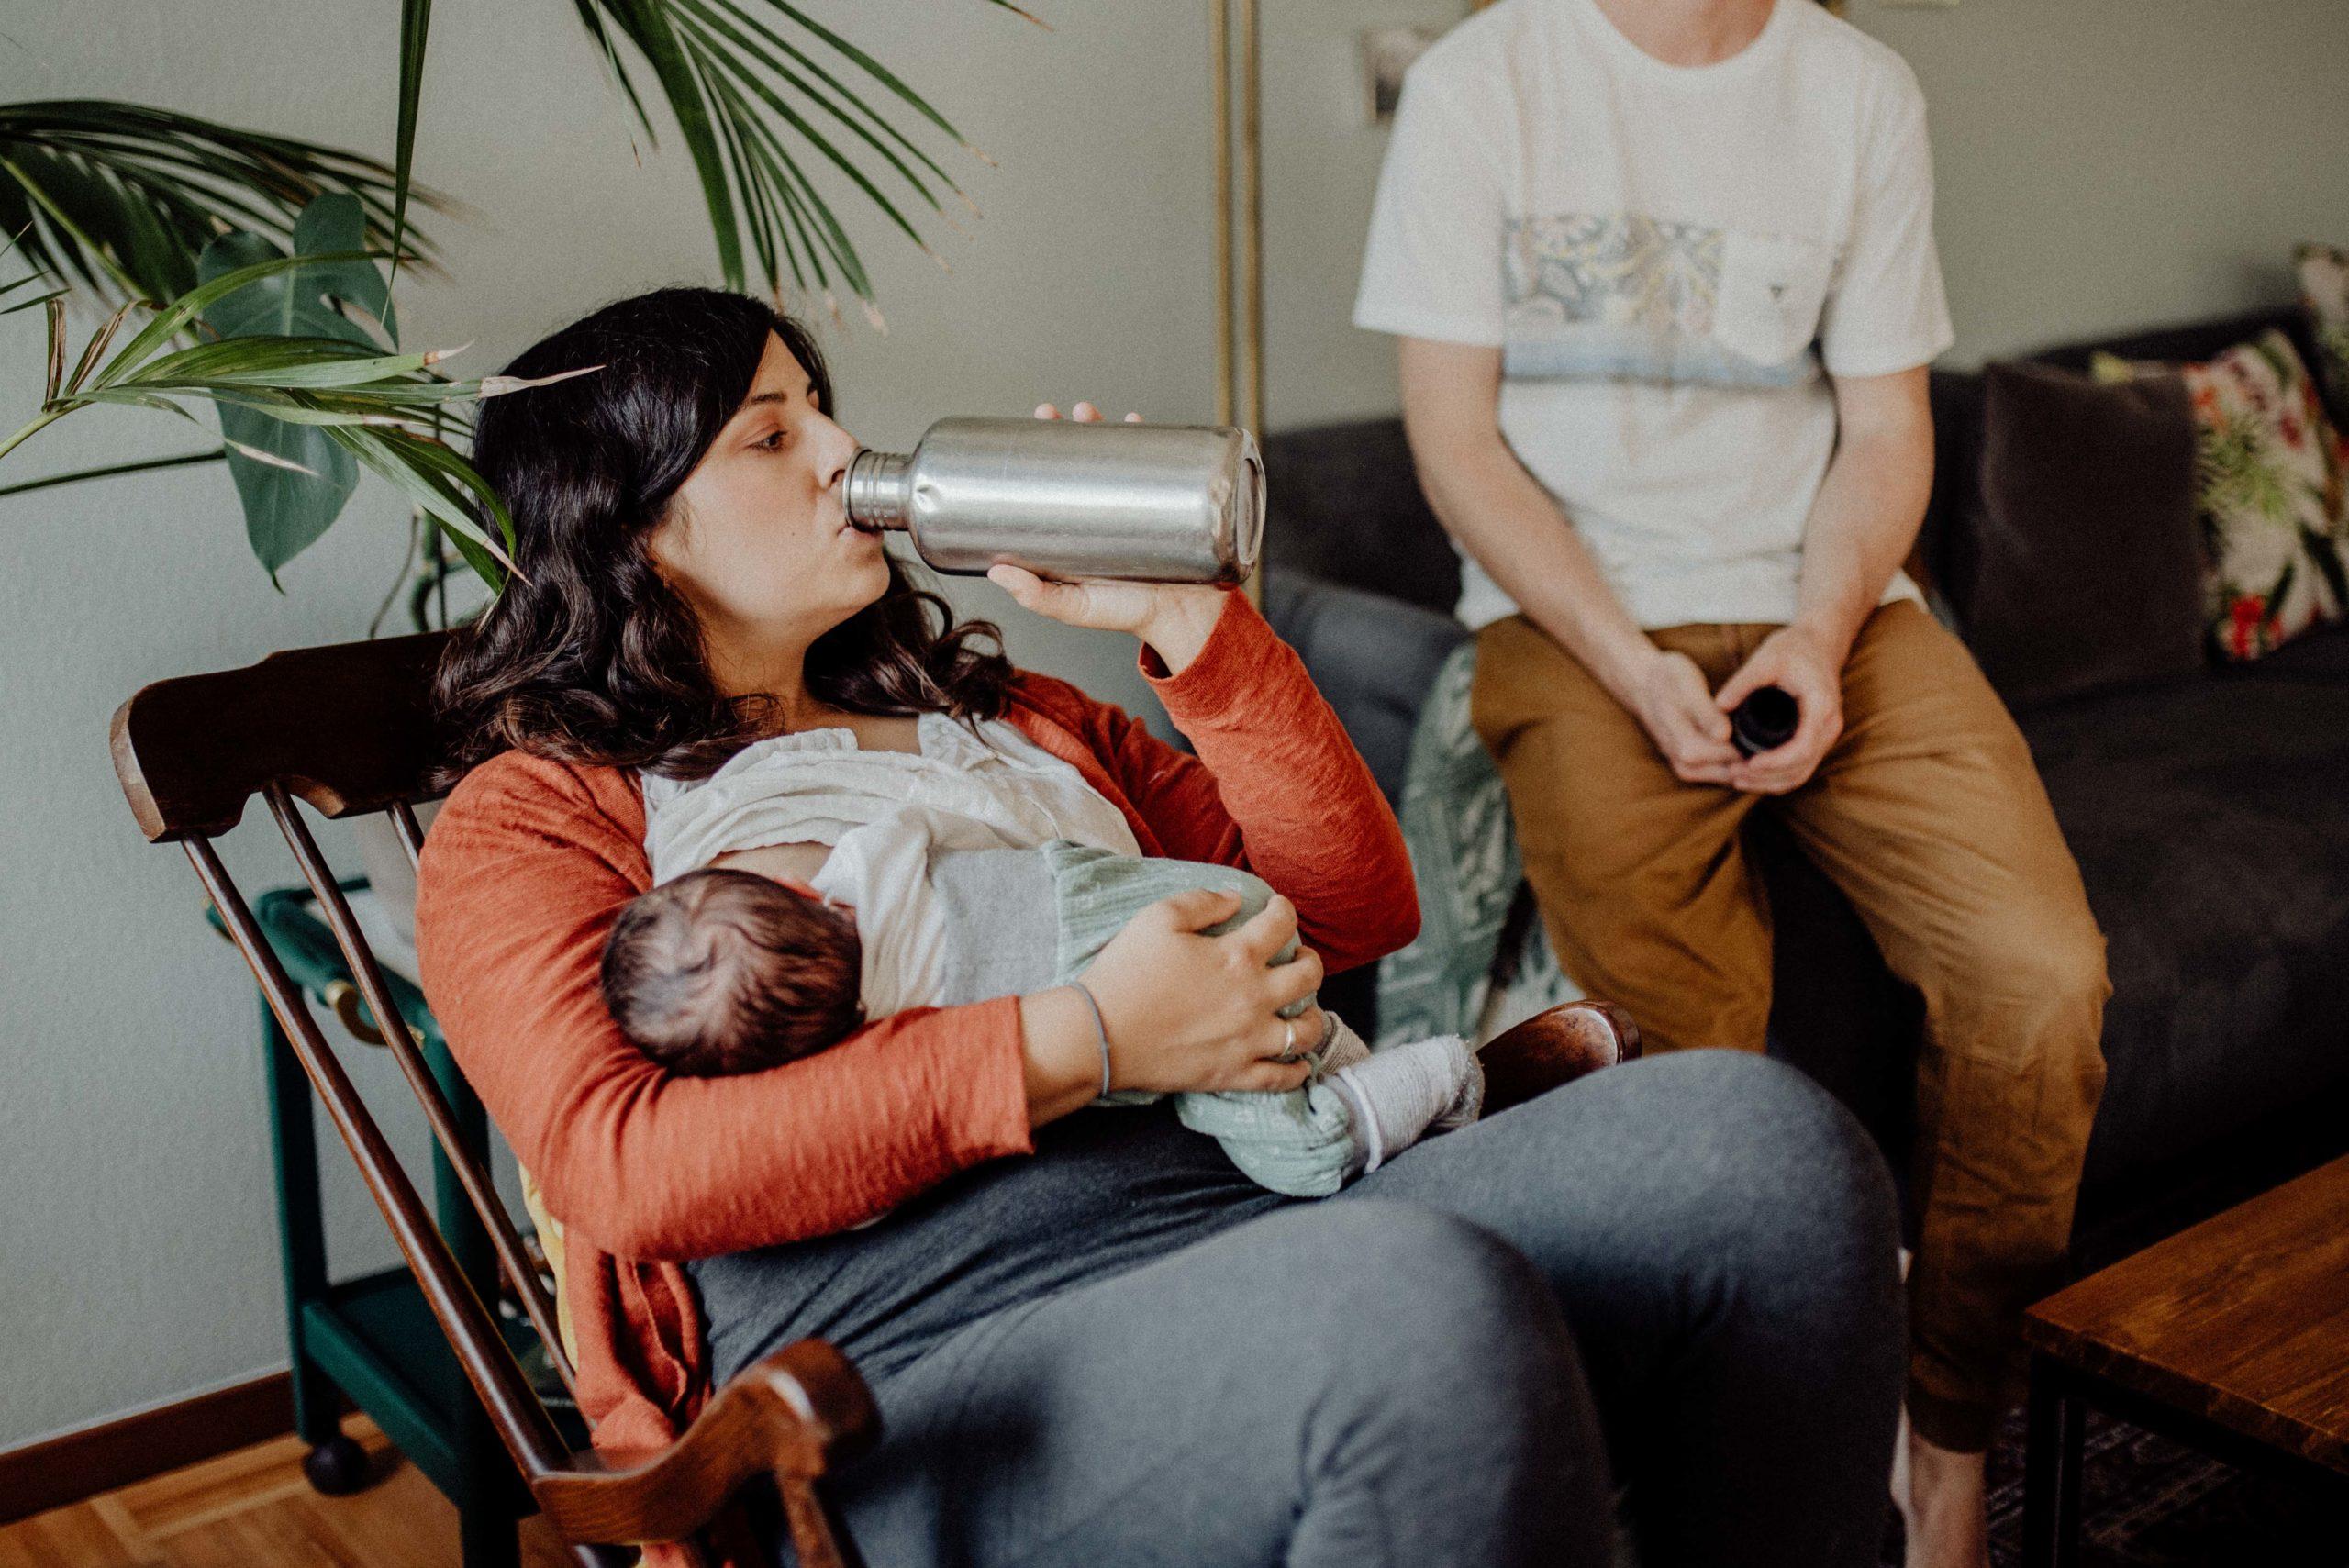 Mutter trinkt aus Feldflasche während Sie Ihr Baby stillt.